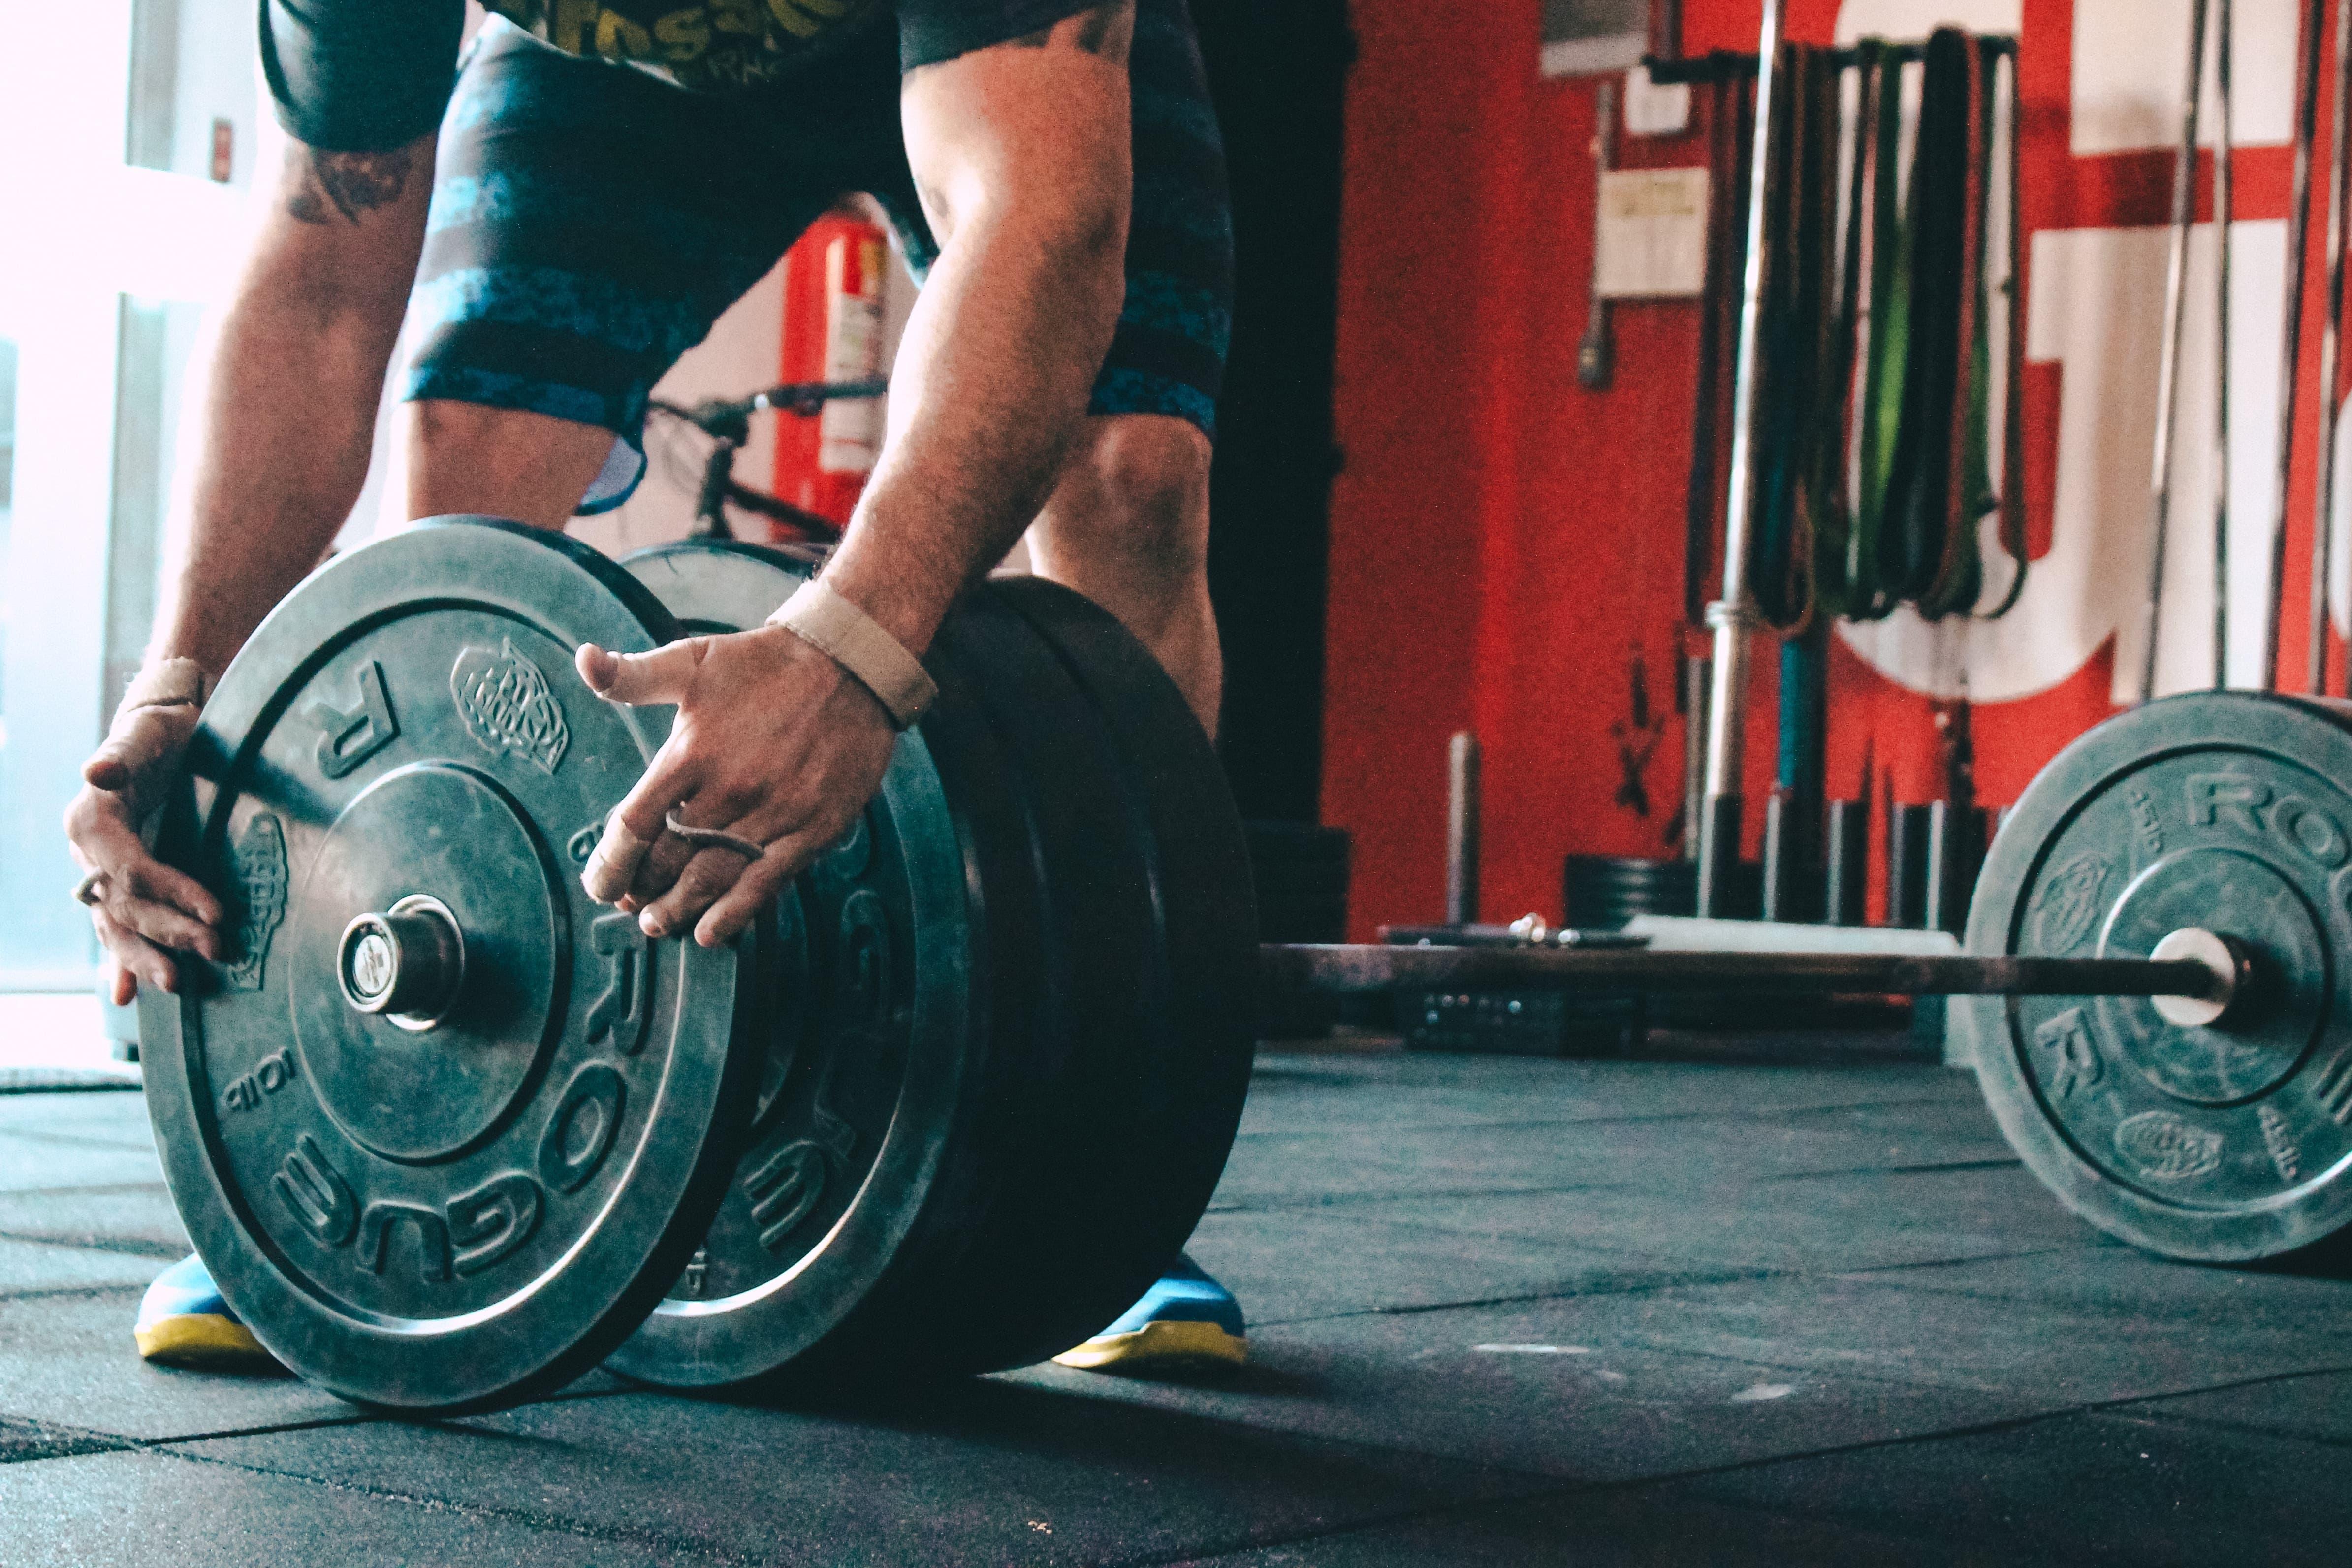 Gym image 2